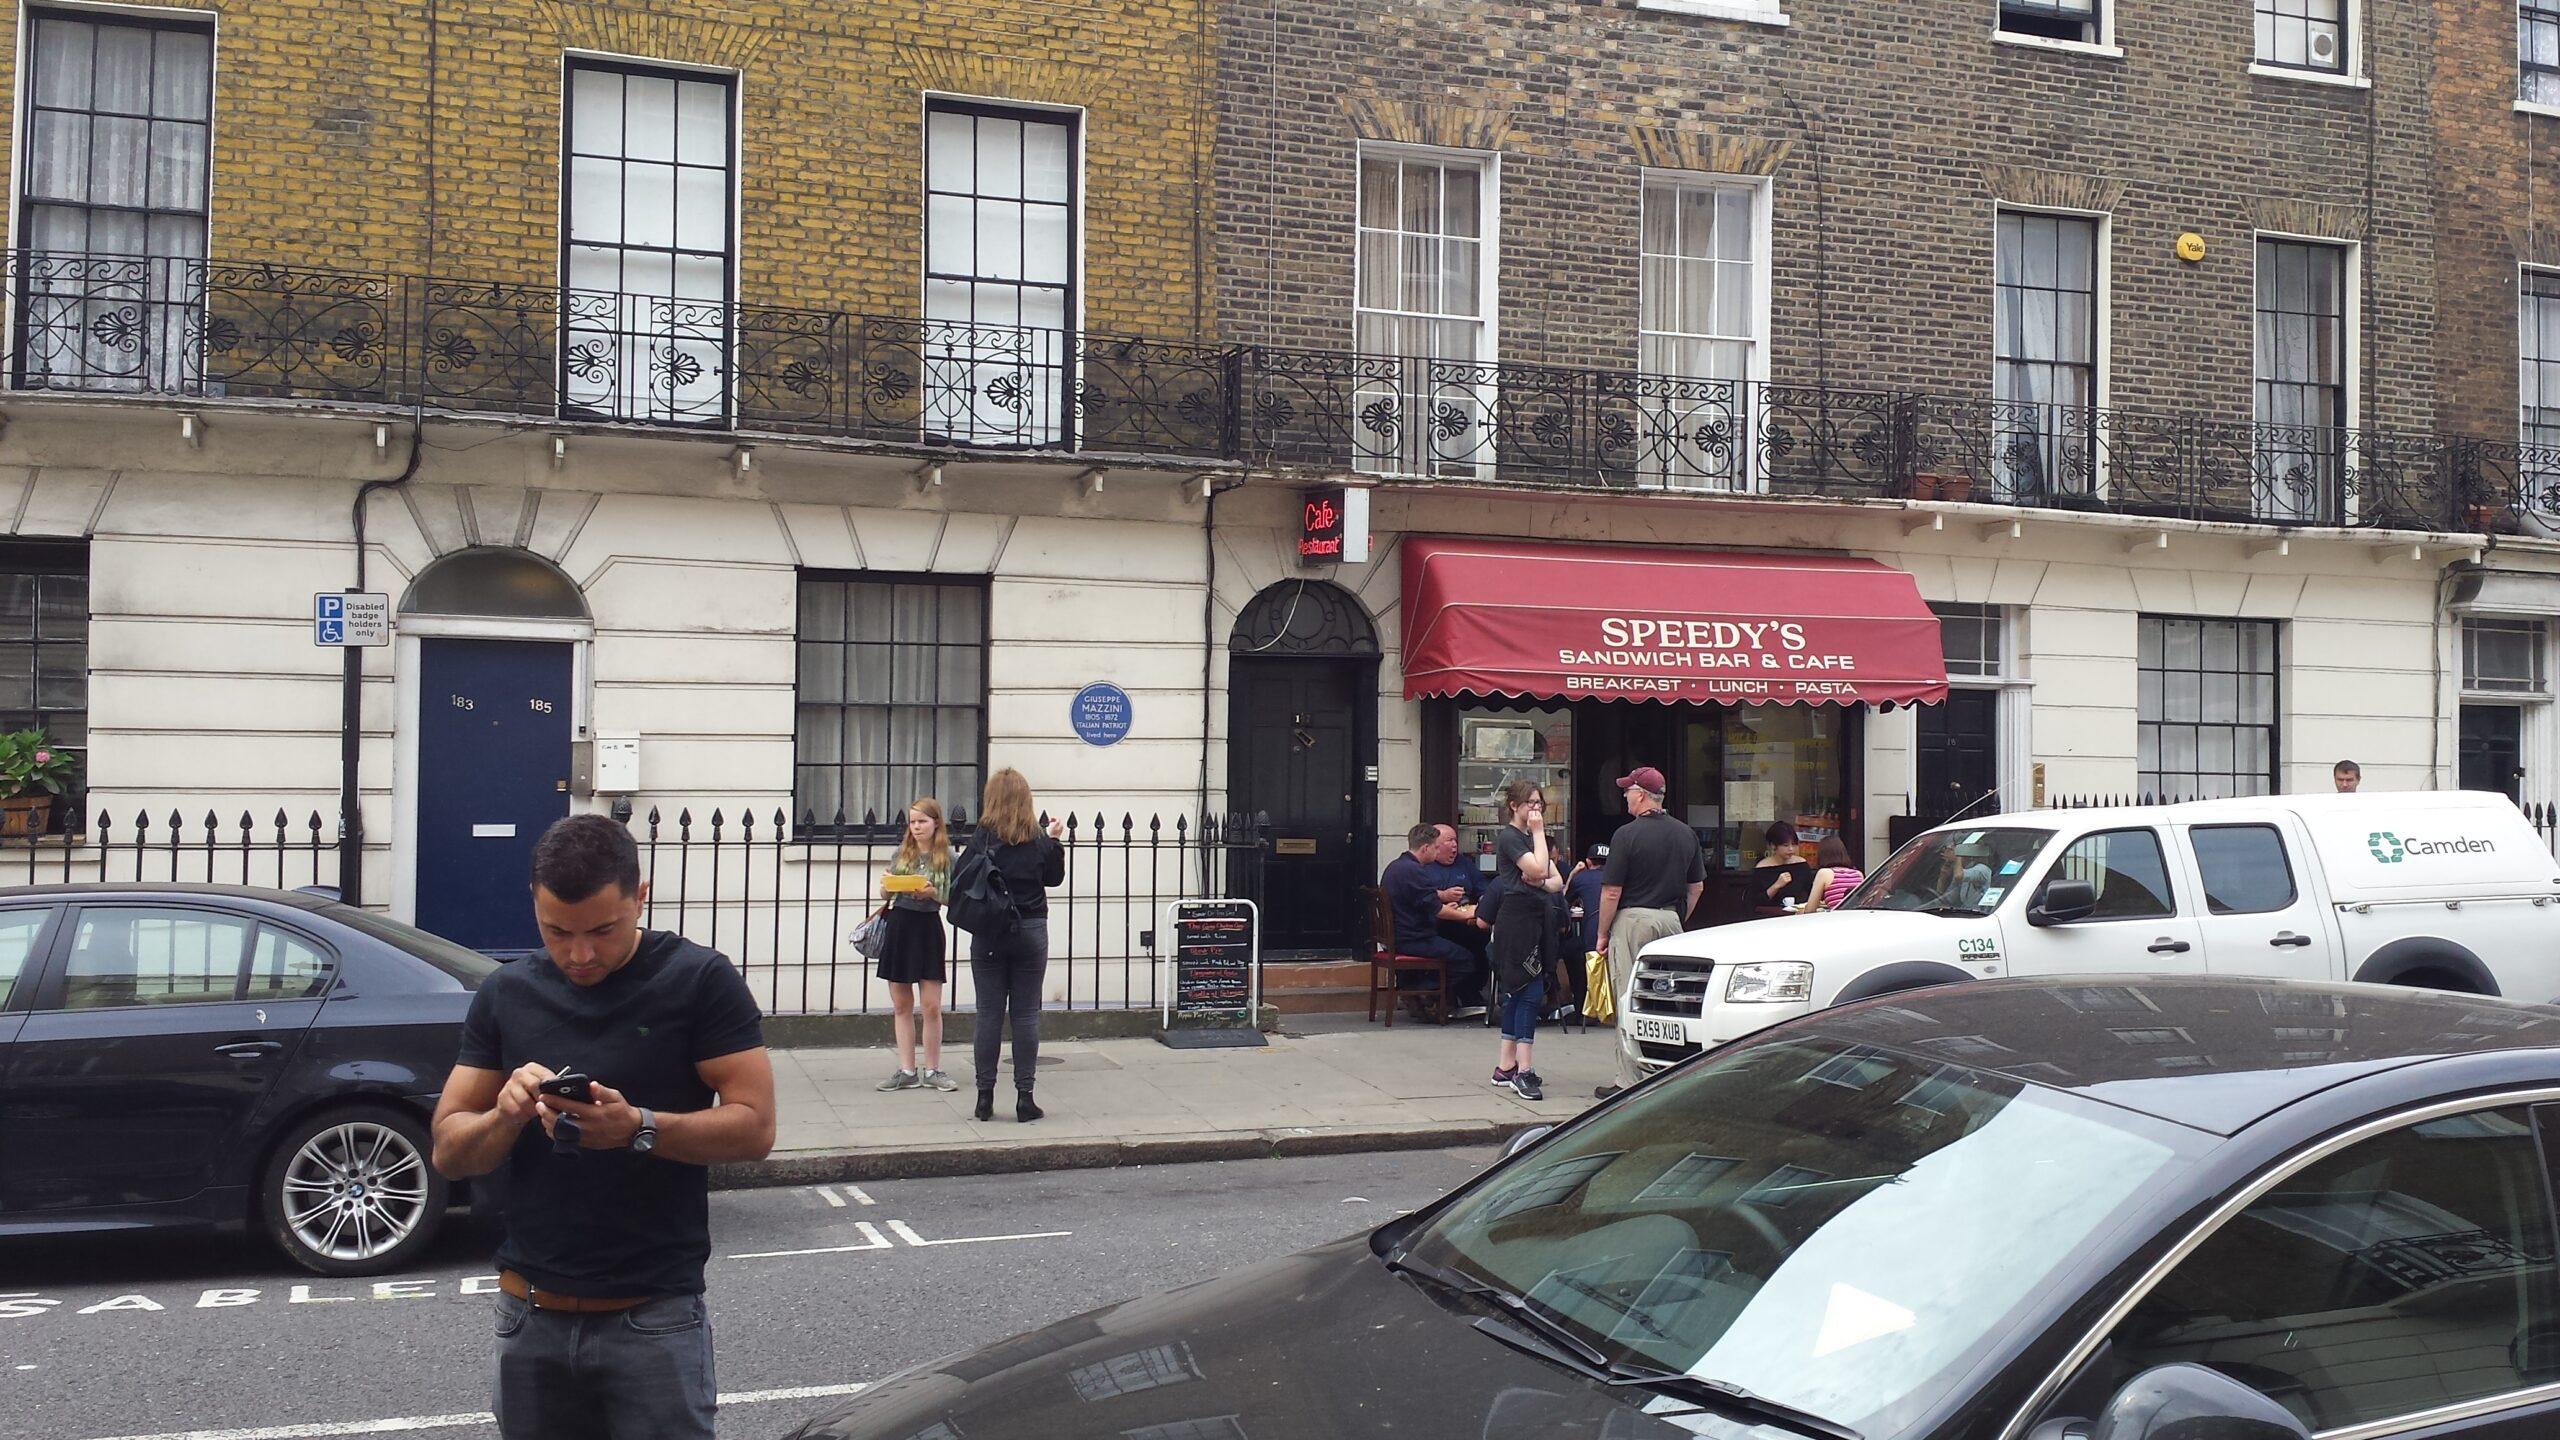 BBC Sherlock Is It Filmed In Baker Street?